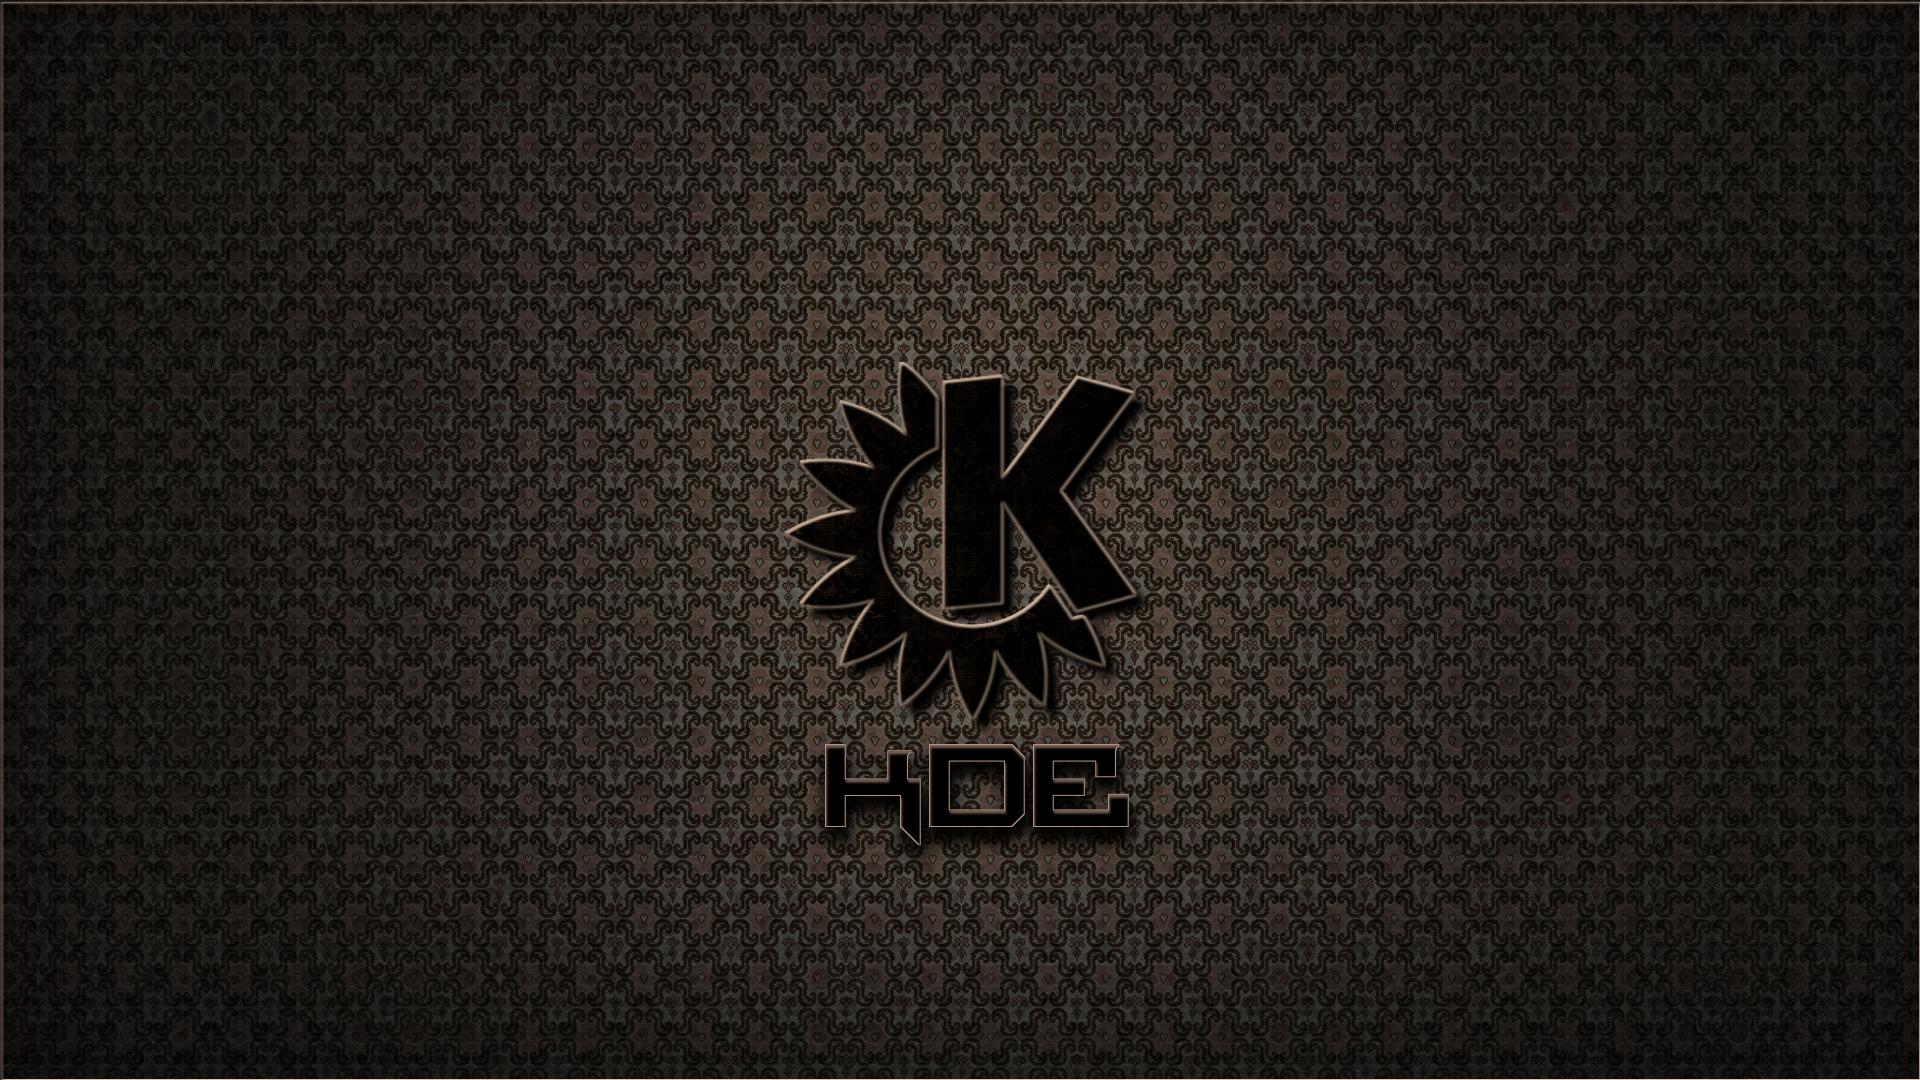 KDE_Wallpaper